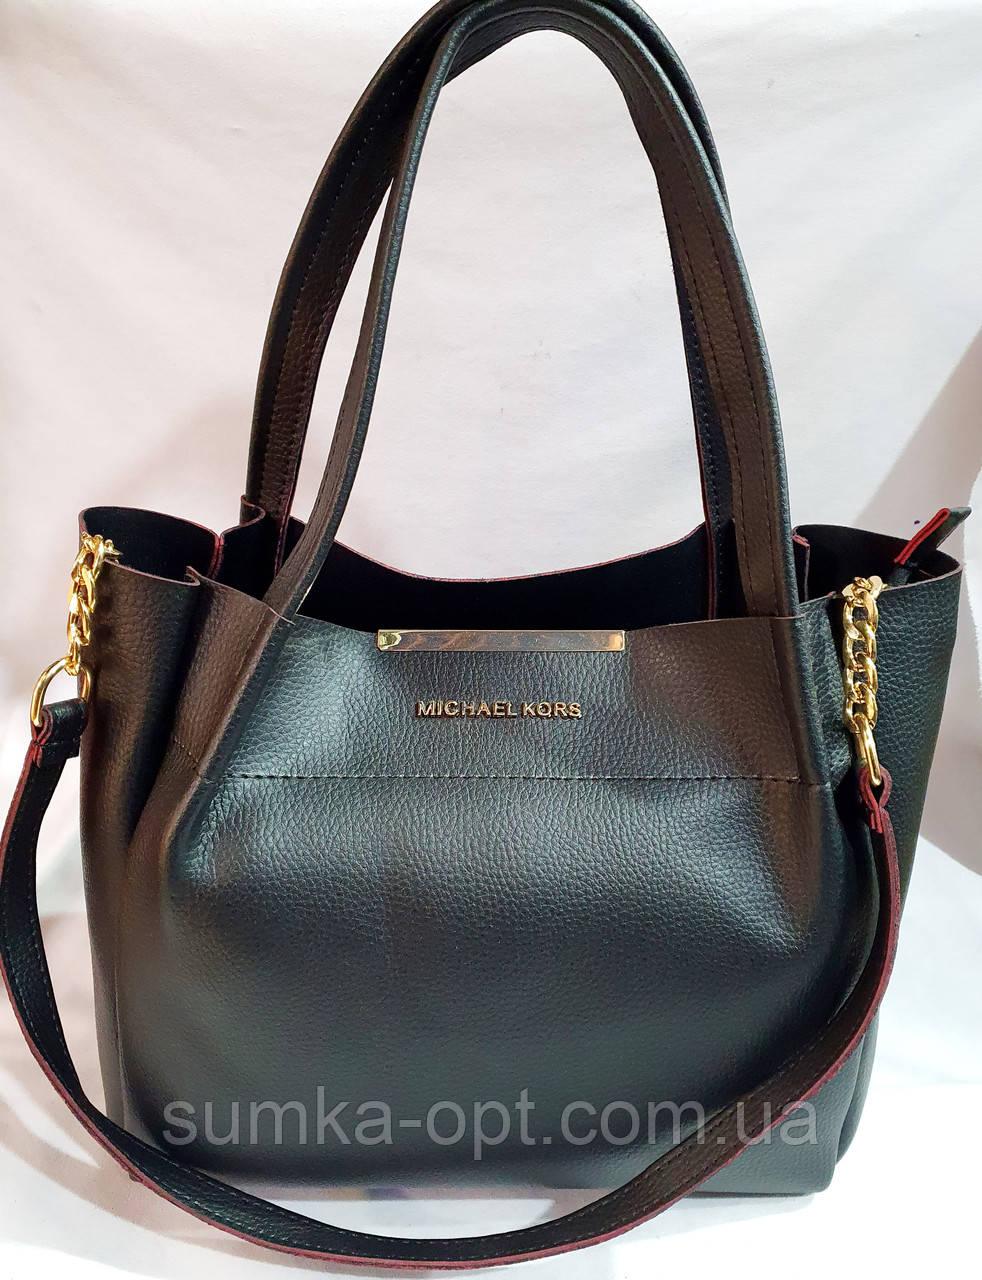 Брендовая женская сумка Michael Kors черная с красным кантиком 32*29 см